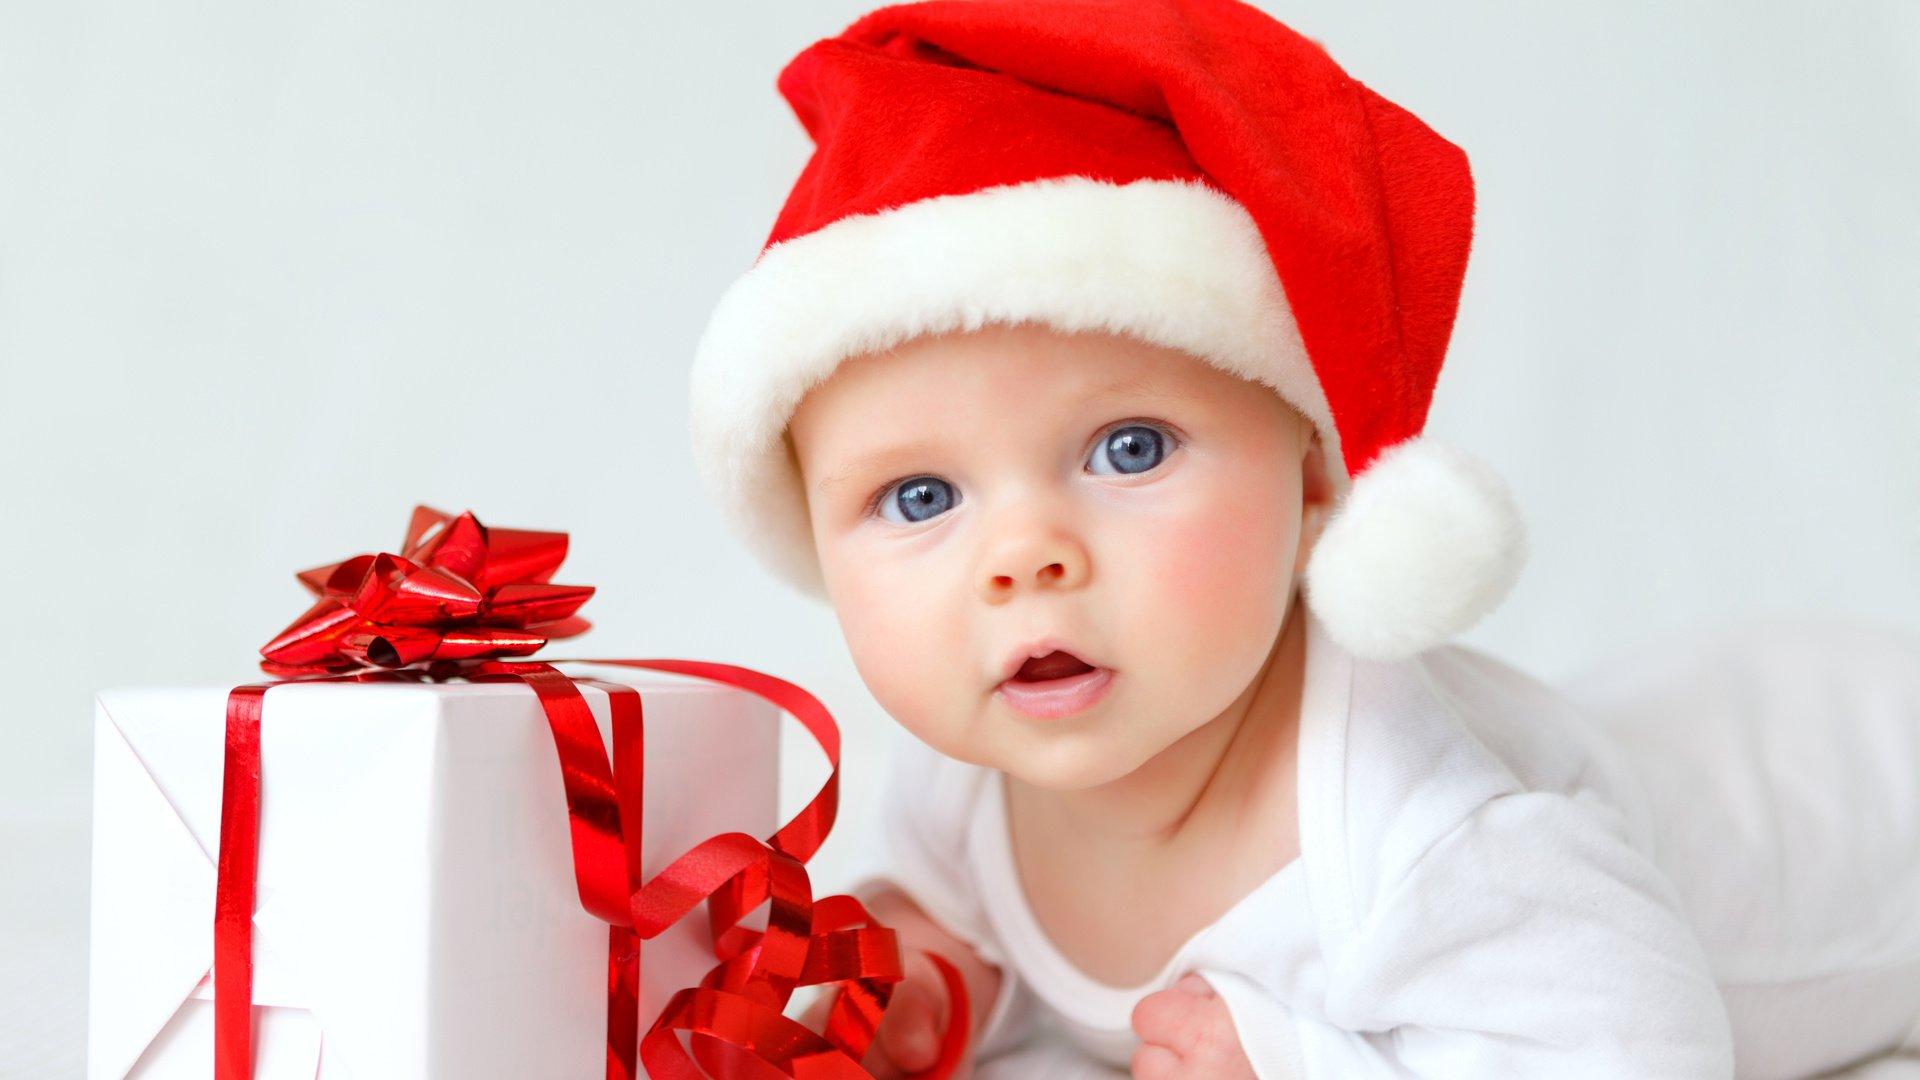 Малыш и коробка с подарком